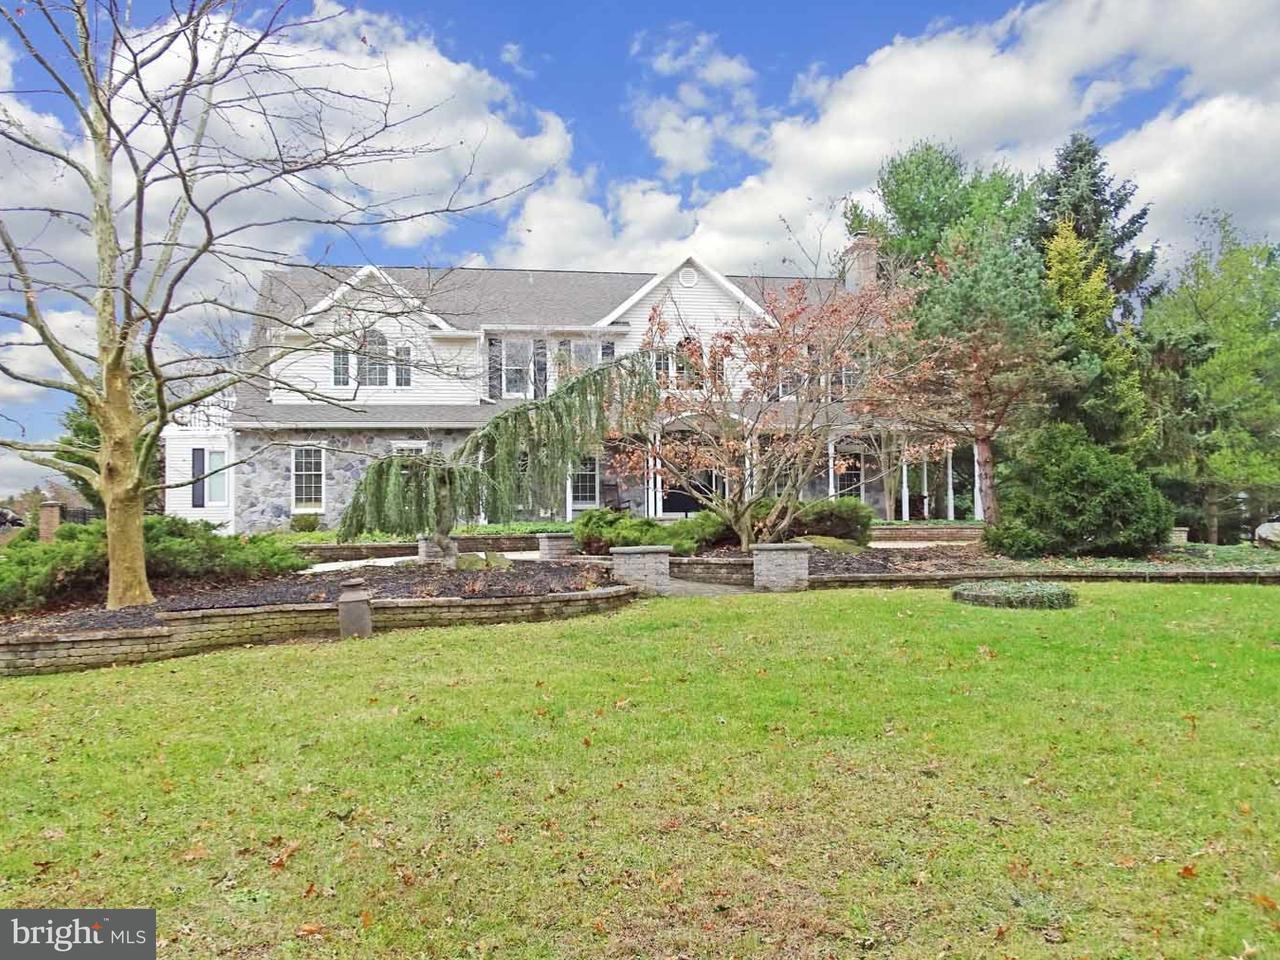 Частный односемейный дом для того Продажа на 15 HLUCHY Road Trenton, Нью-Джерси 08691 Соединенные ШтатыВ/Около: Upper Freehold Township